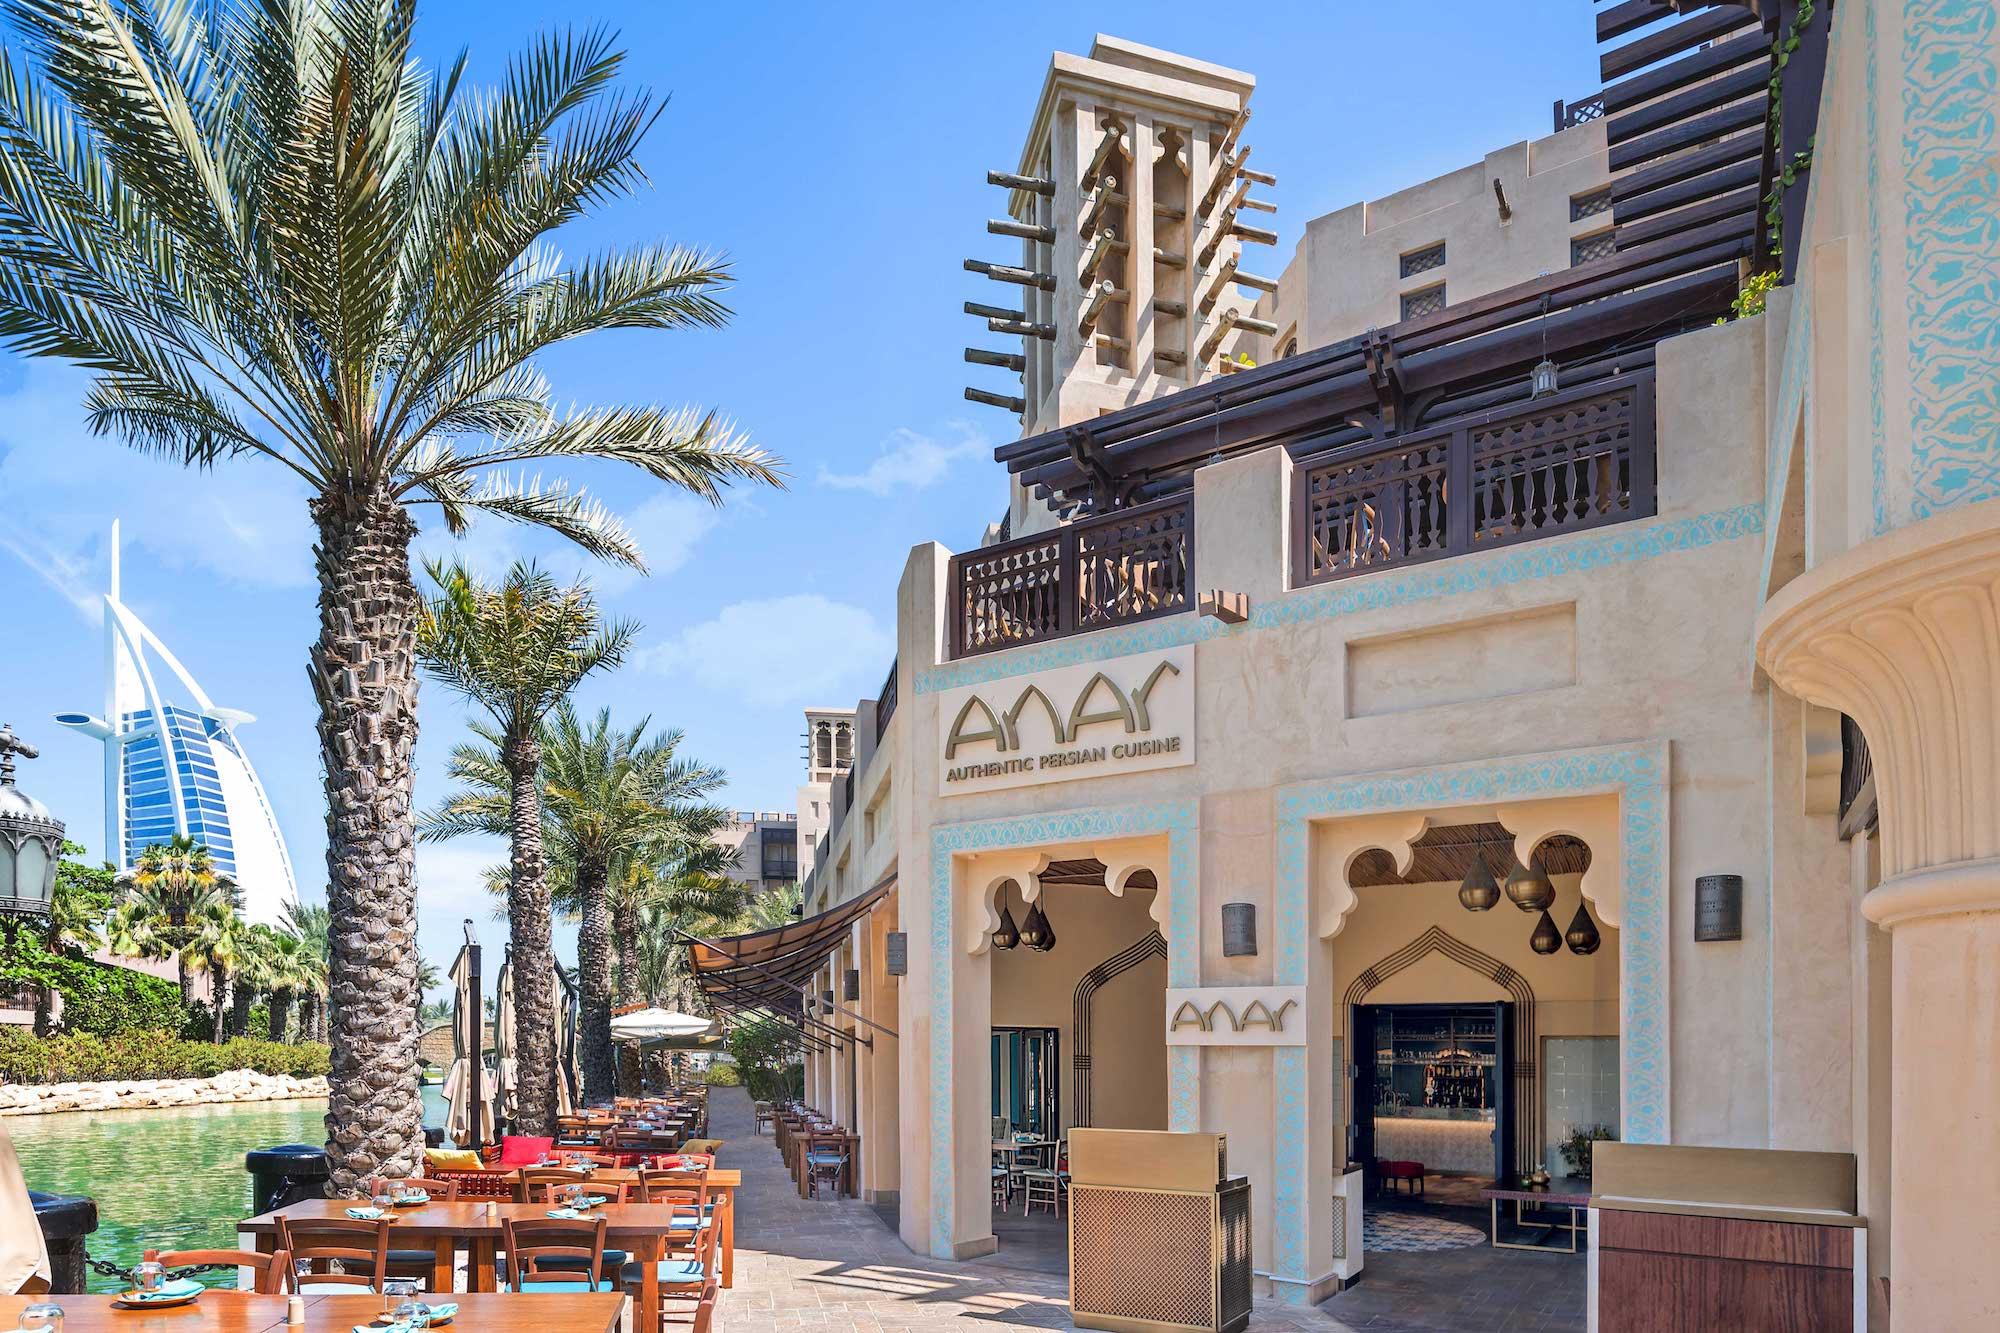 Anar-Interior Design Dubai